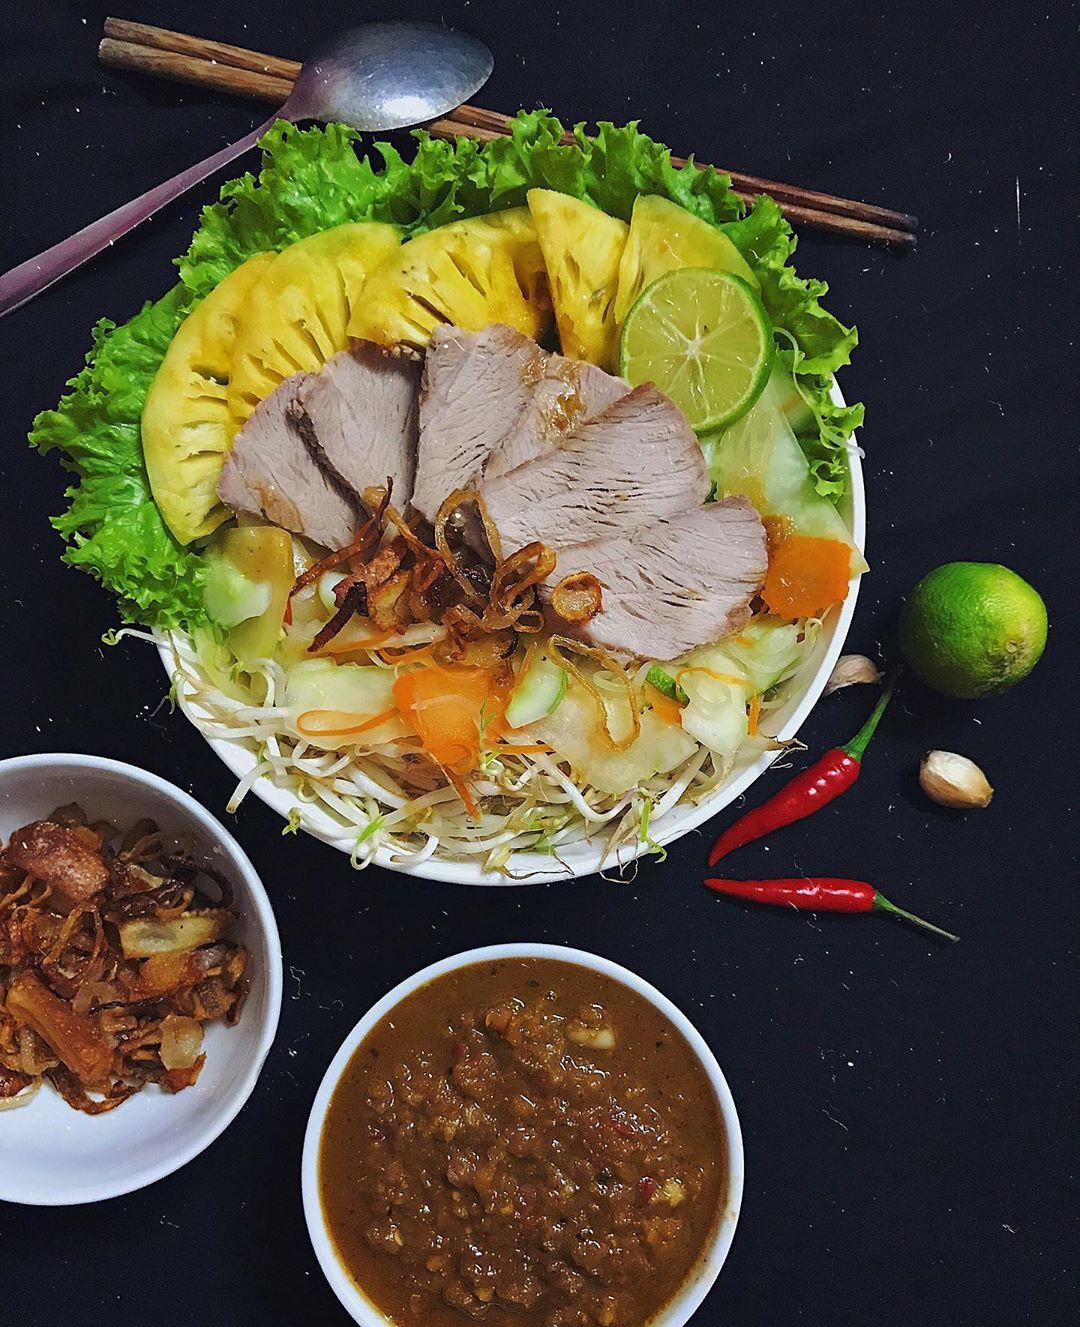 Lễ 2/9 ngại đi chơi xa, đến ngay những quán ăn ngon và thưởng thức món ăn vặt nổi tiếng xứ Huế  - Ảnh 11.